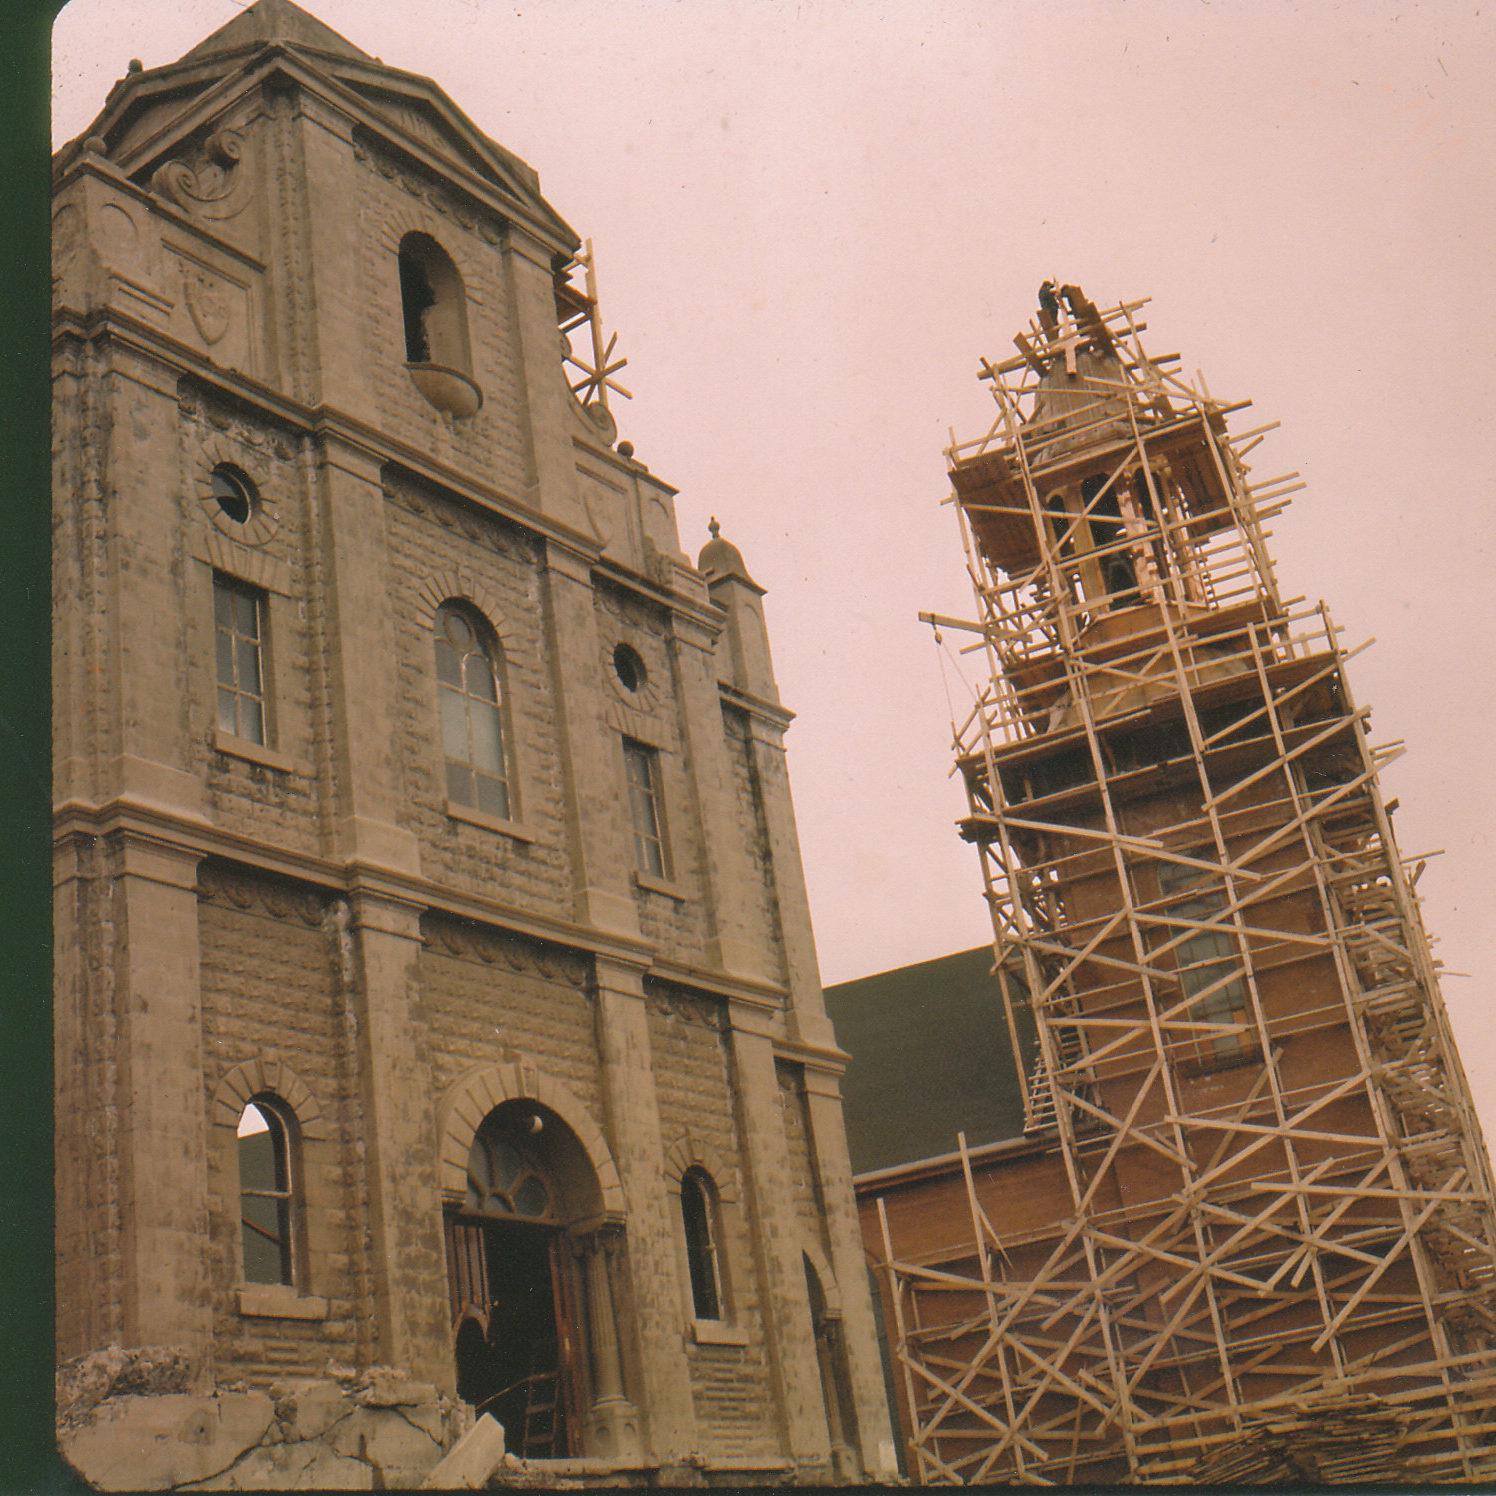 Third church build 4